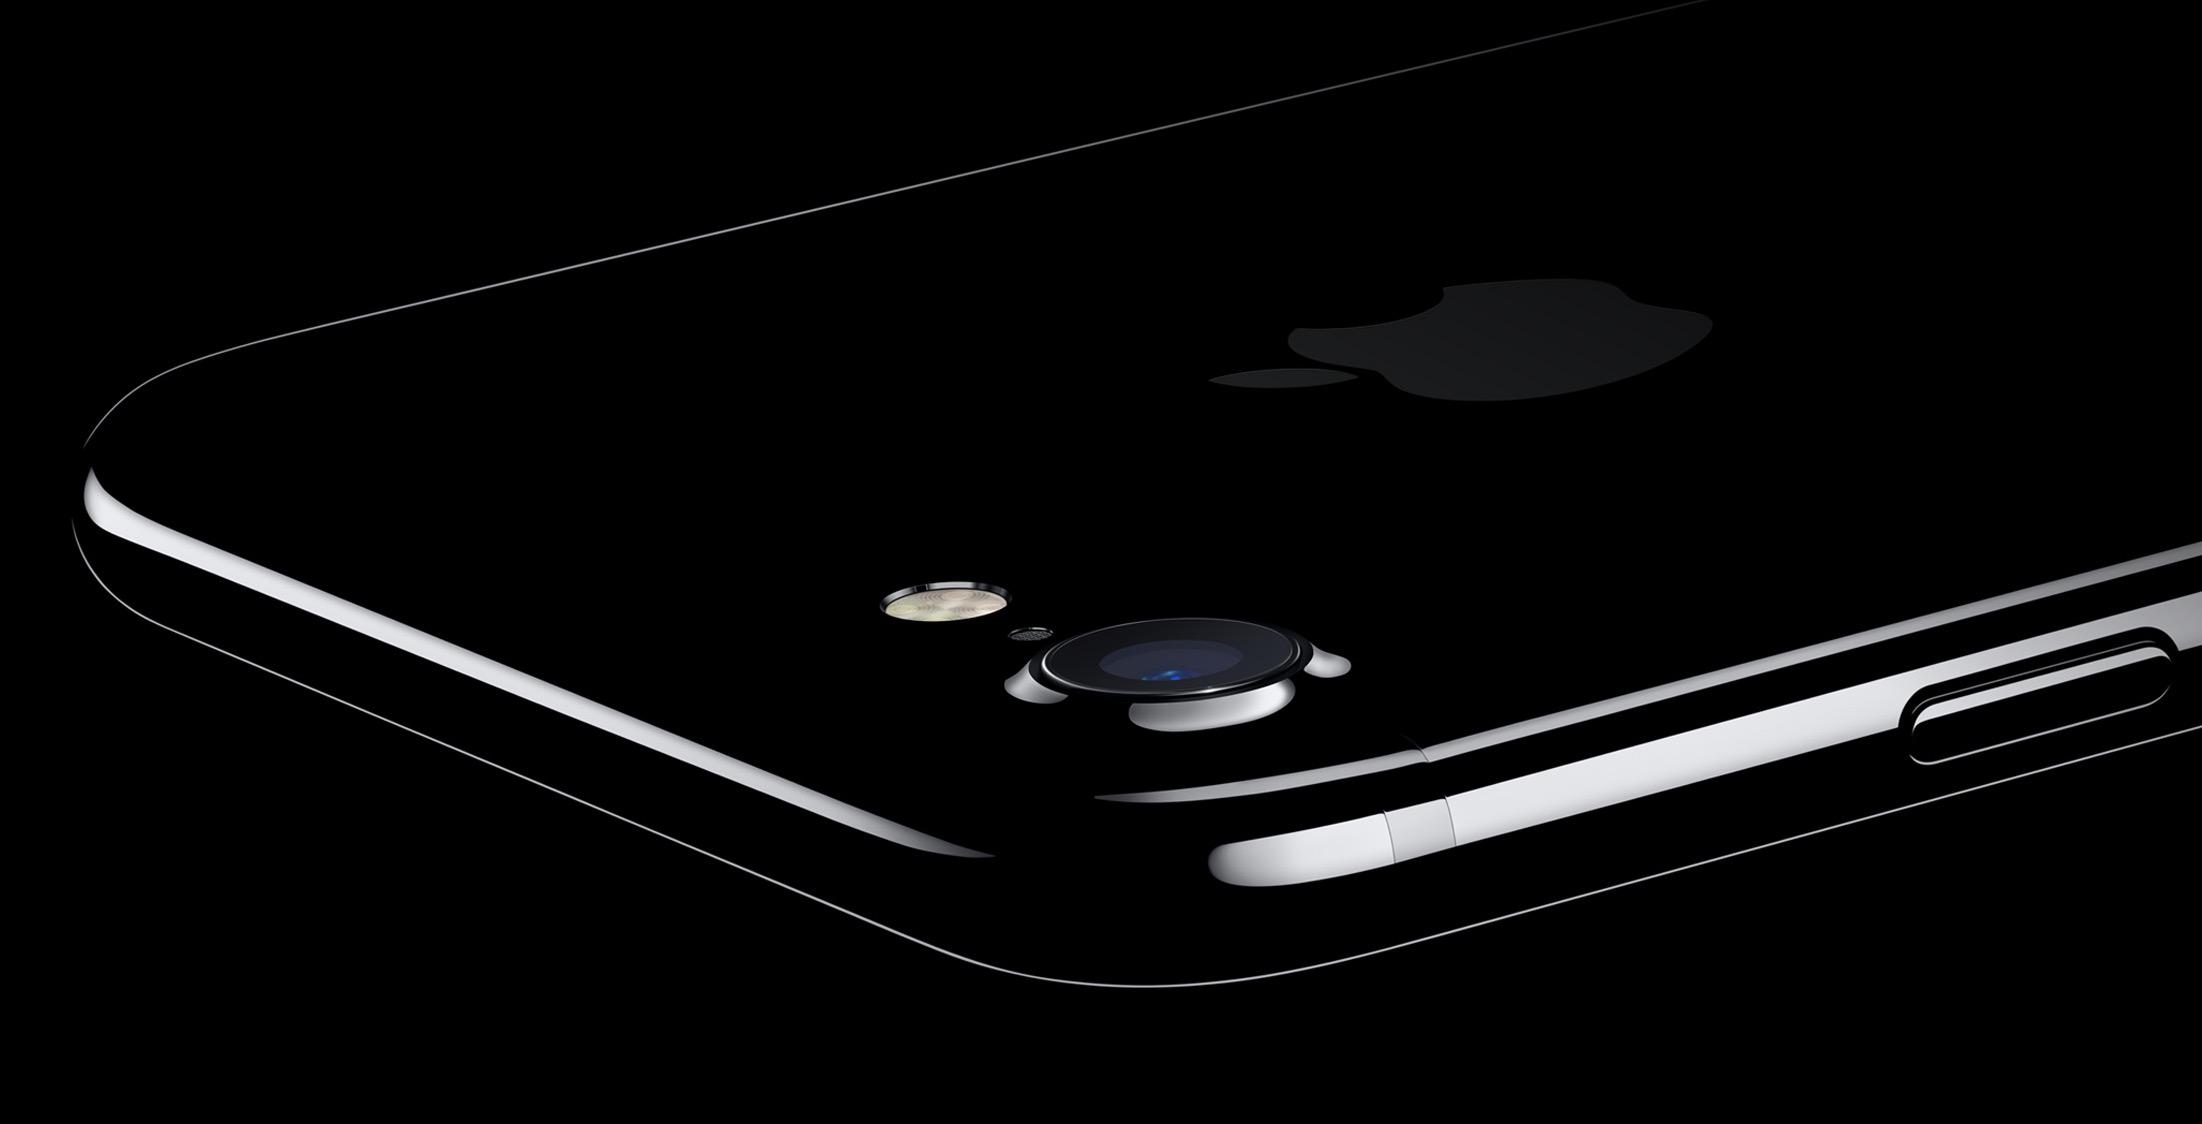 iPhone 7 fotocamera: caratteristiche e dettagli nascosti